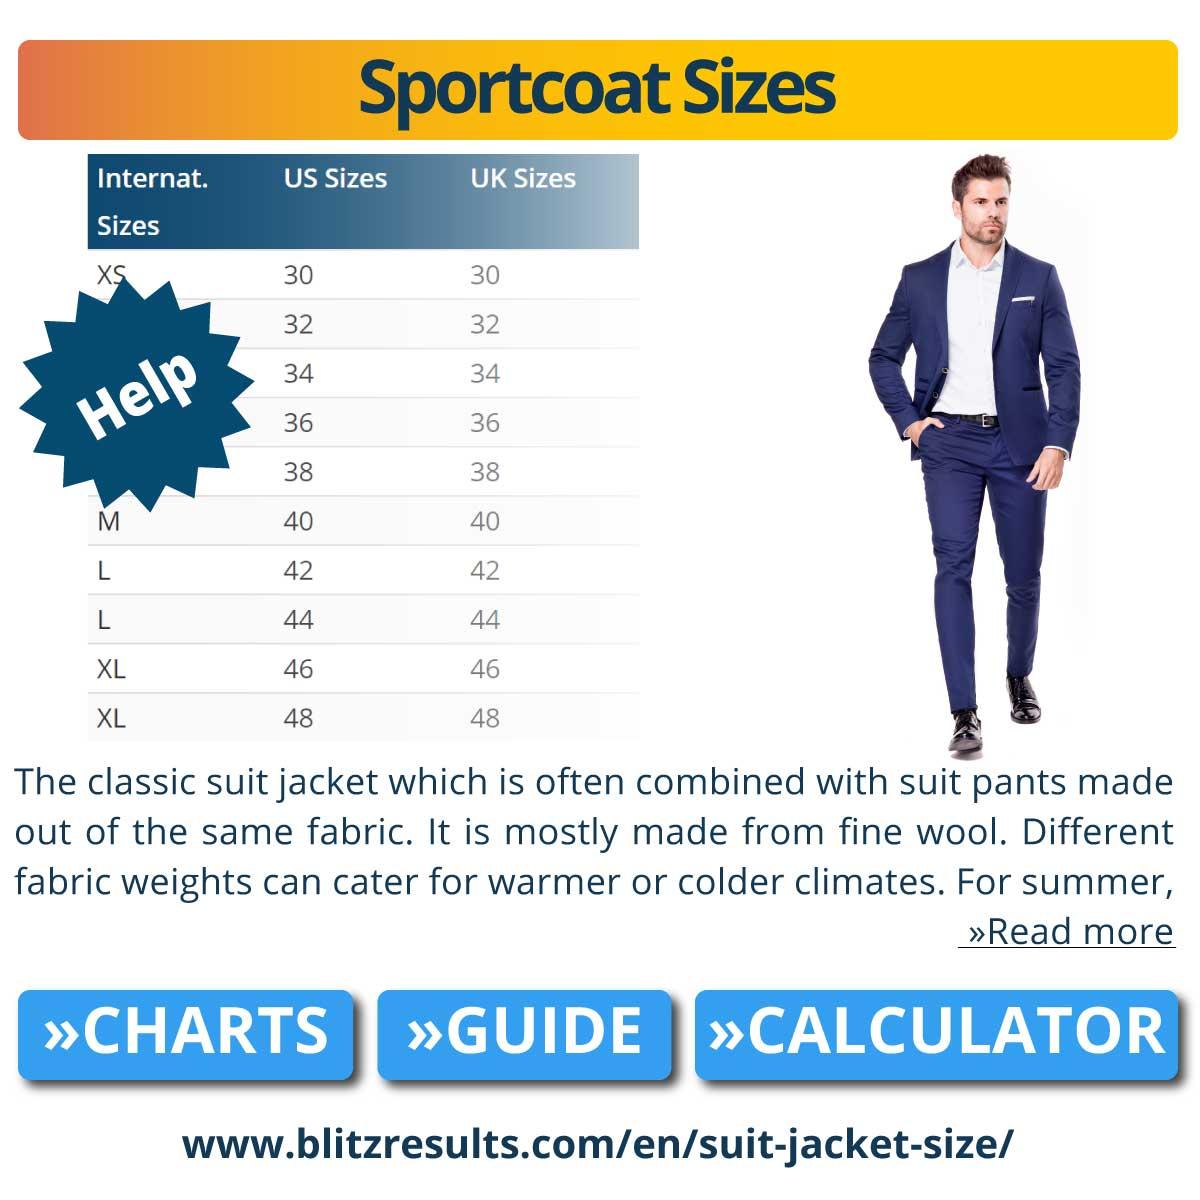 Sportcoat Sizes